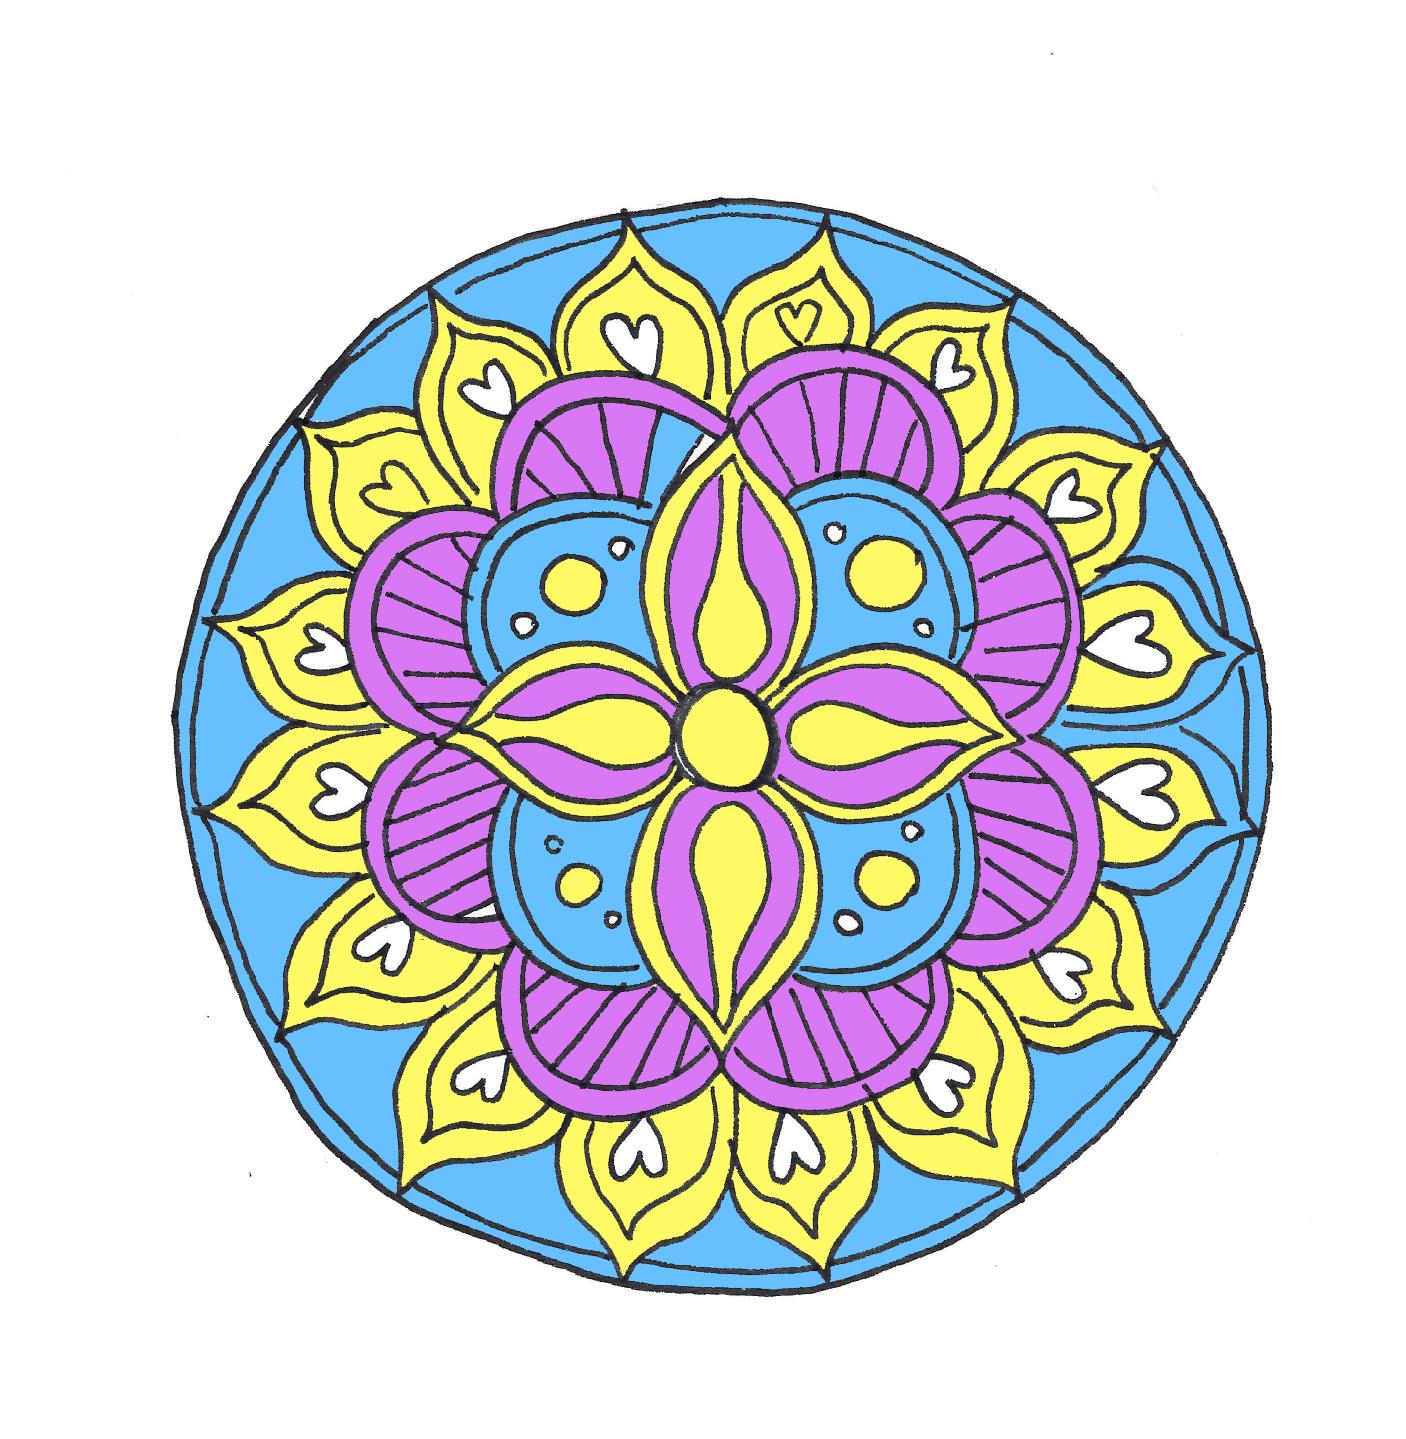 idée madala à colorier, que faire quand on s ennuie, activité créative pour adultes, coloriage, activites manuelles